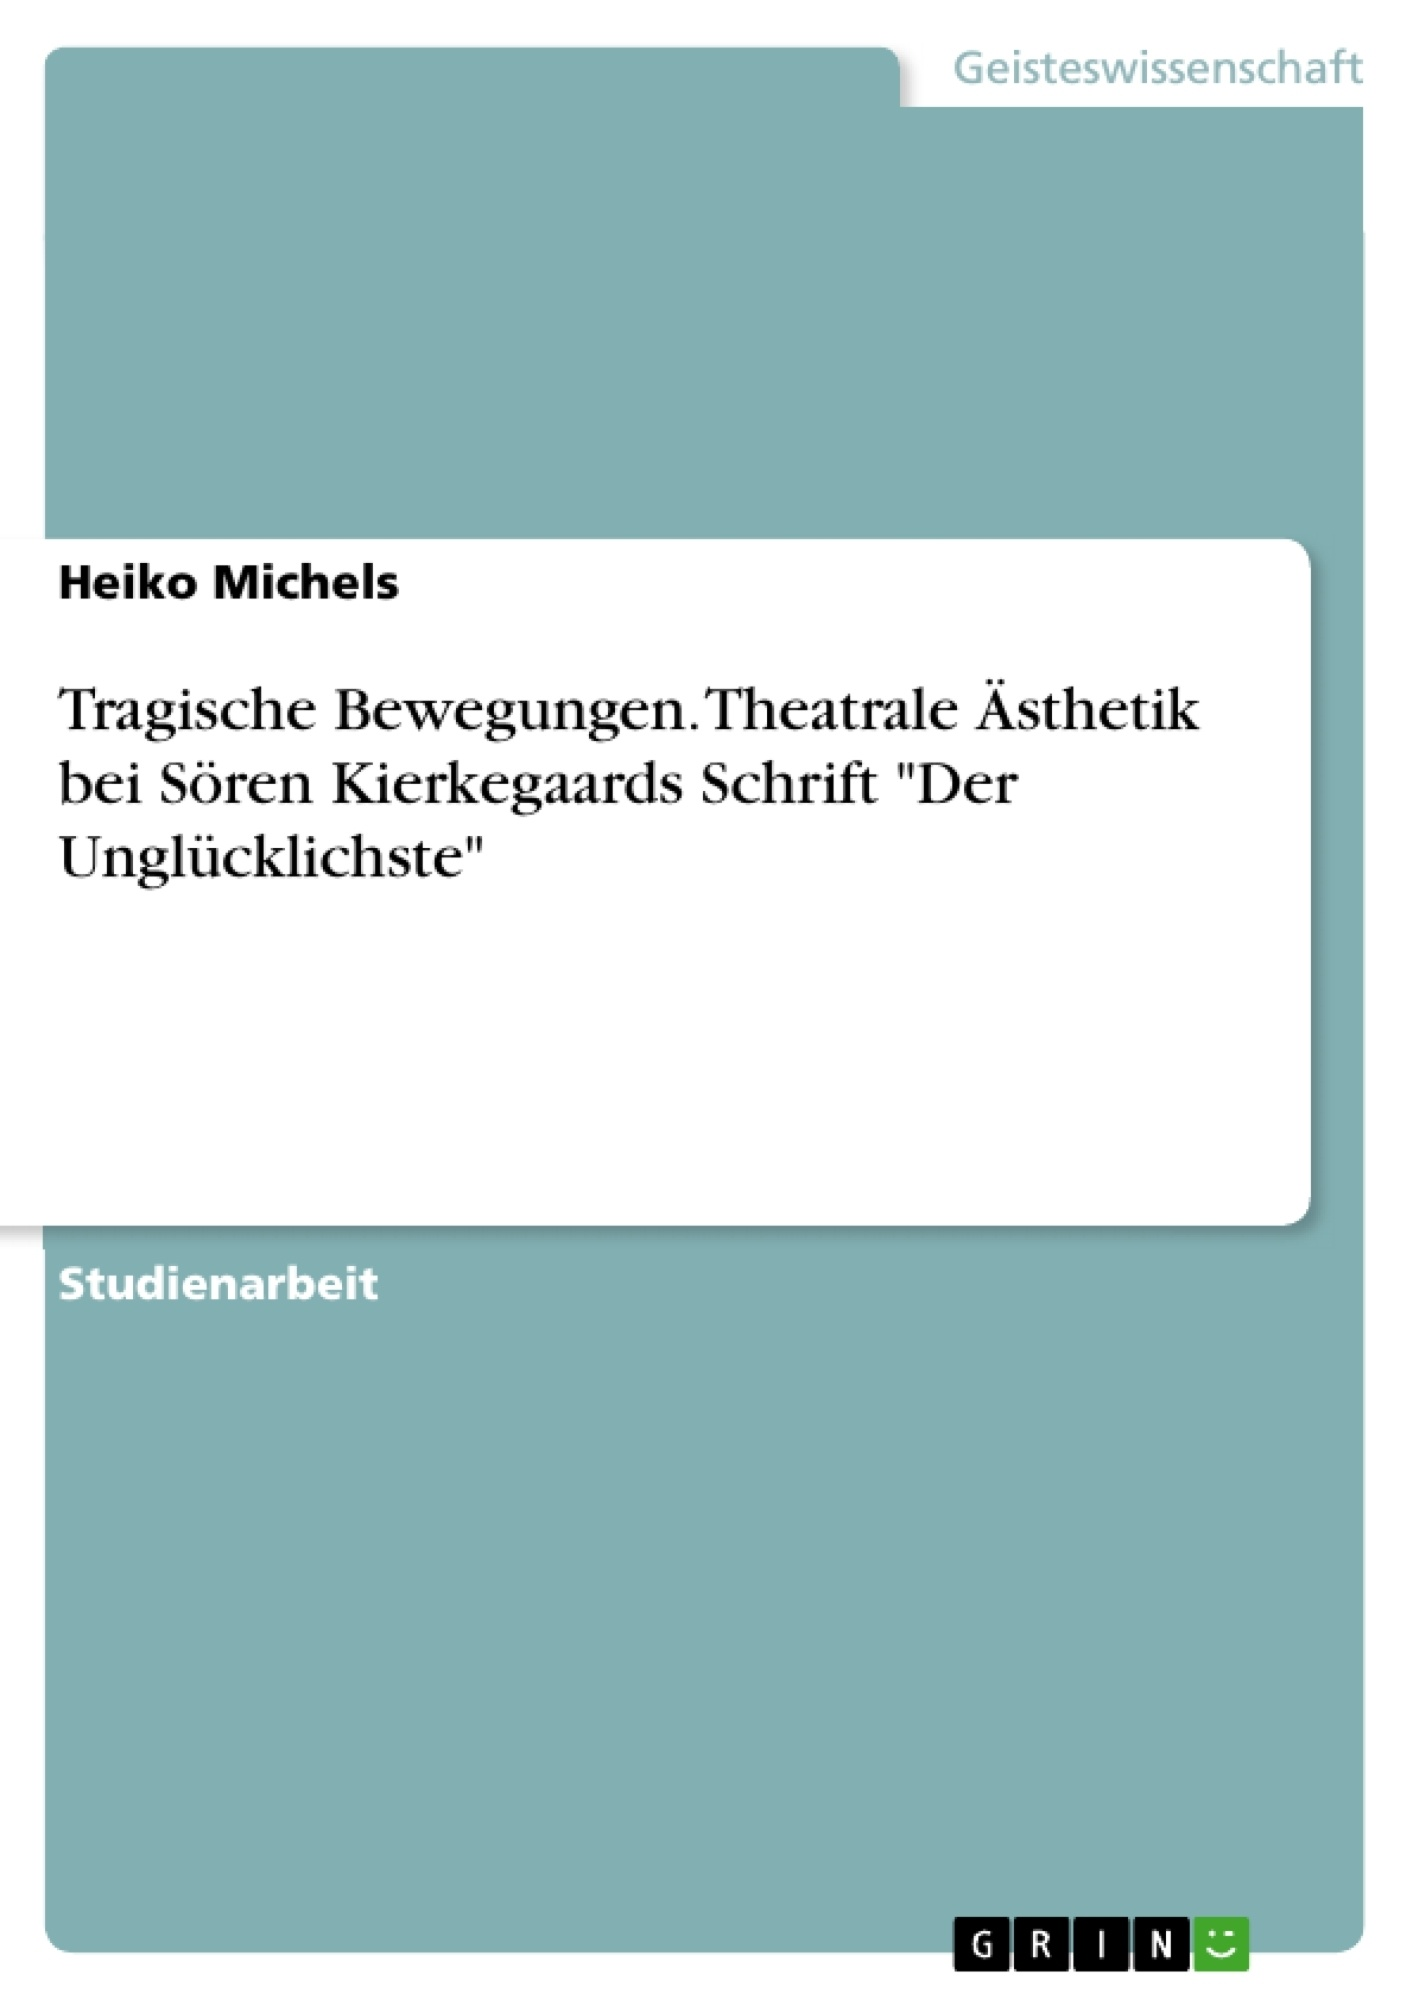 """Titel: Tragische Bewegungen. Theatrale Ästhetik bei Sören Kierkegaards Schrift """"Der Unglücklichste"""""""